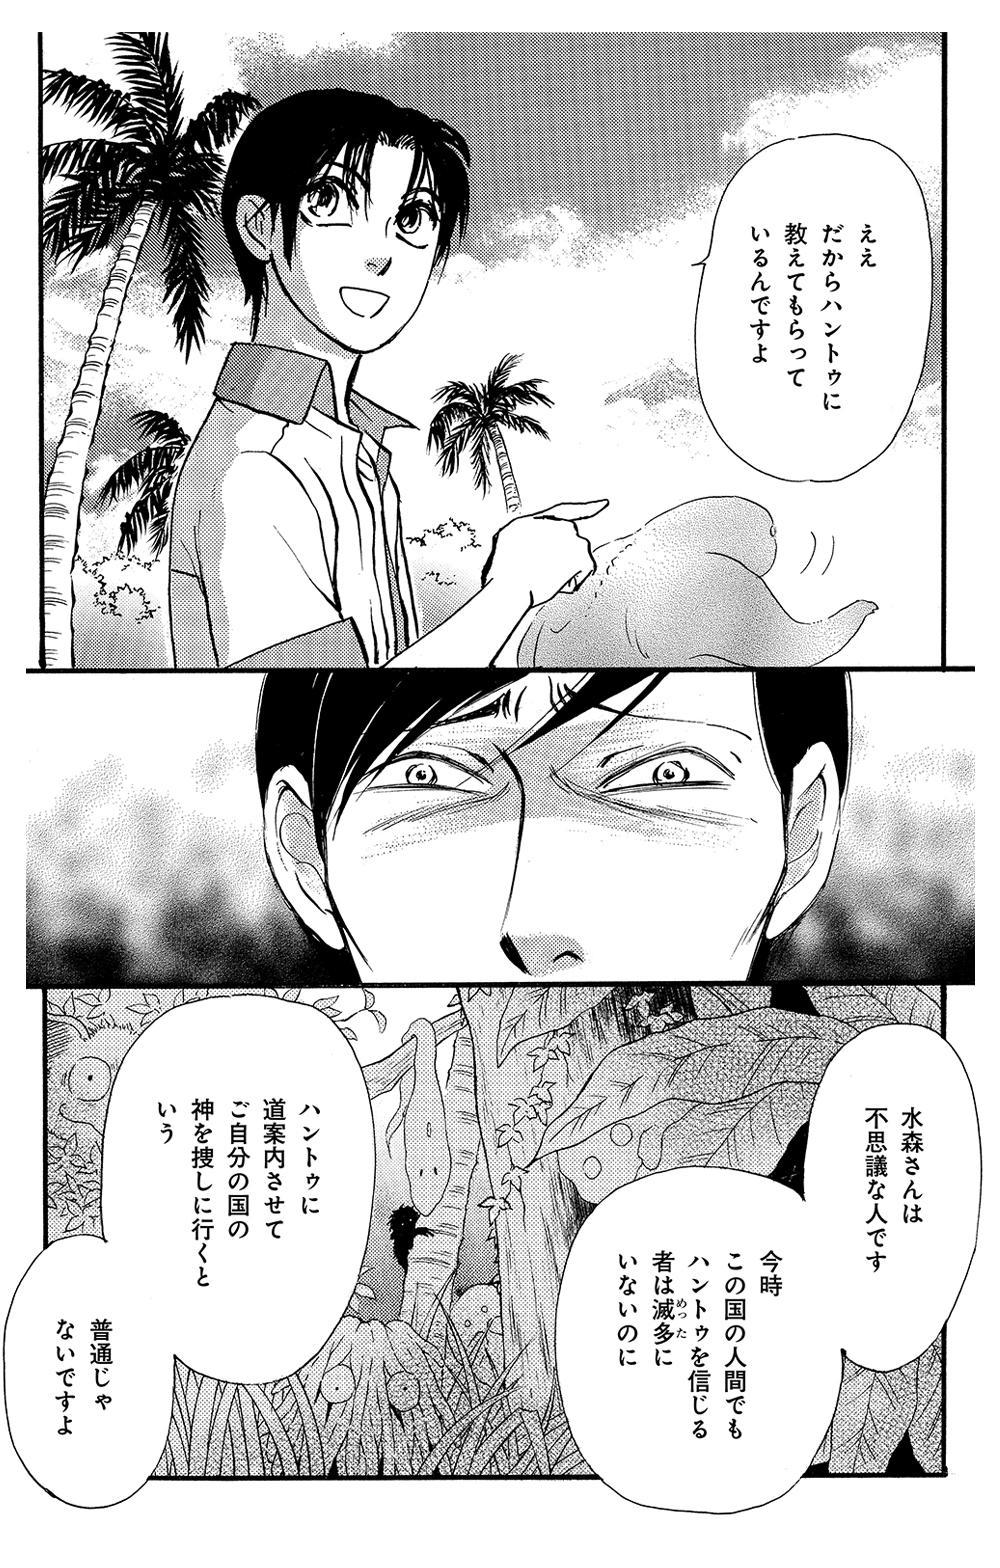 くにのまほろば 第1話 ②kunimaho02-10.jpg